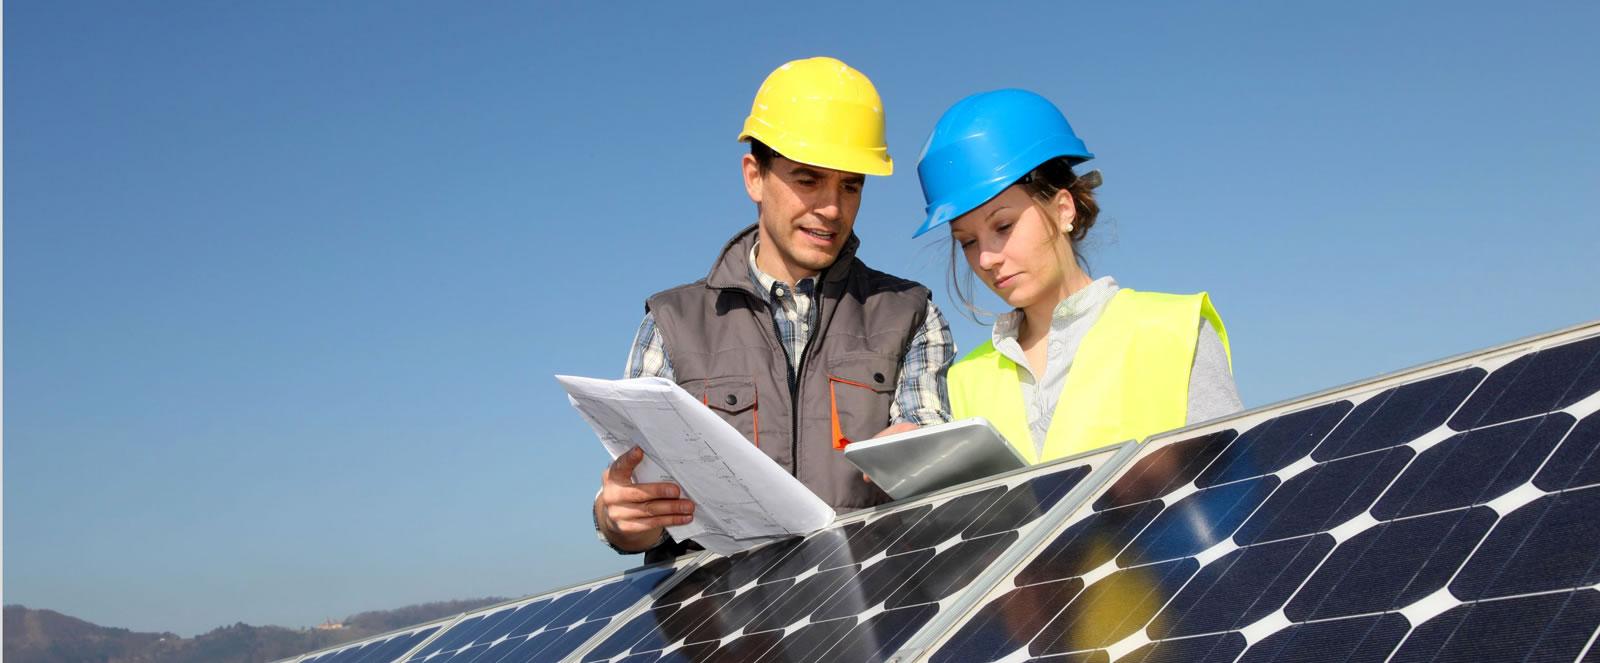 Corsi per installatore di impianti fotovoltaici - Corsiprofessionalitop